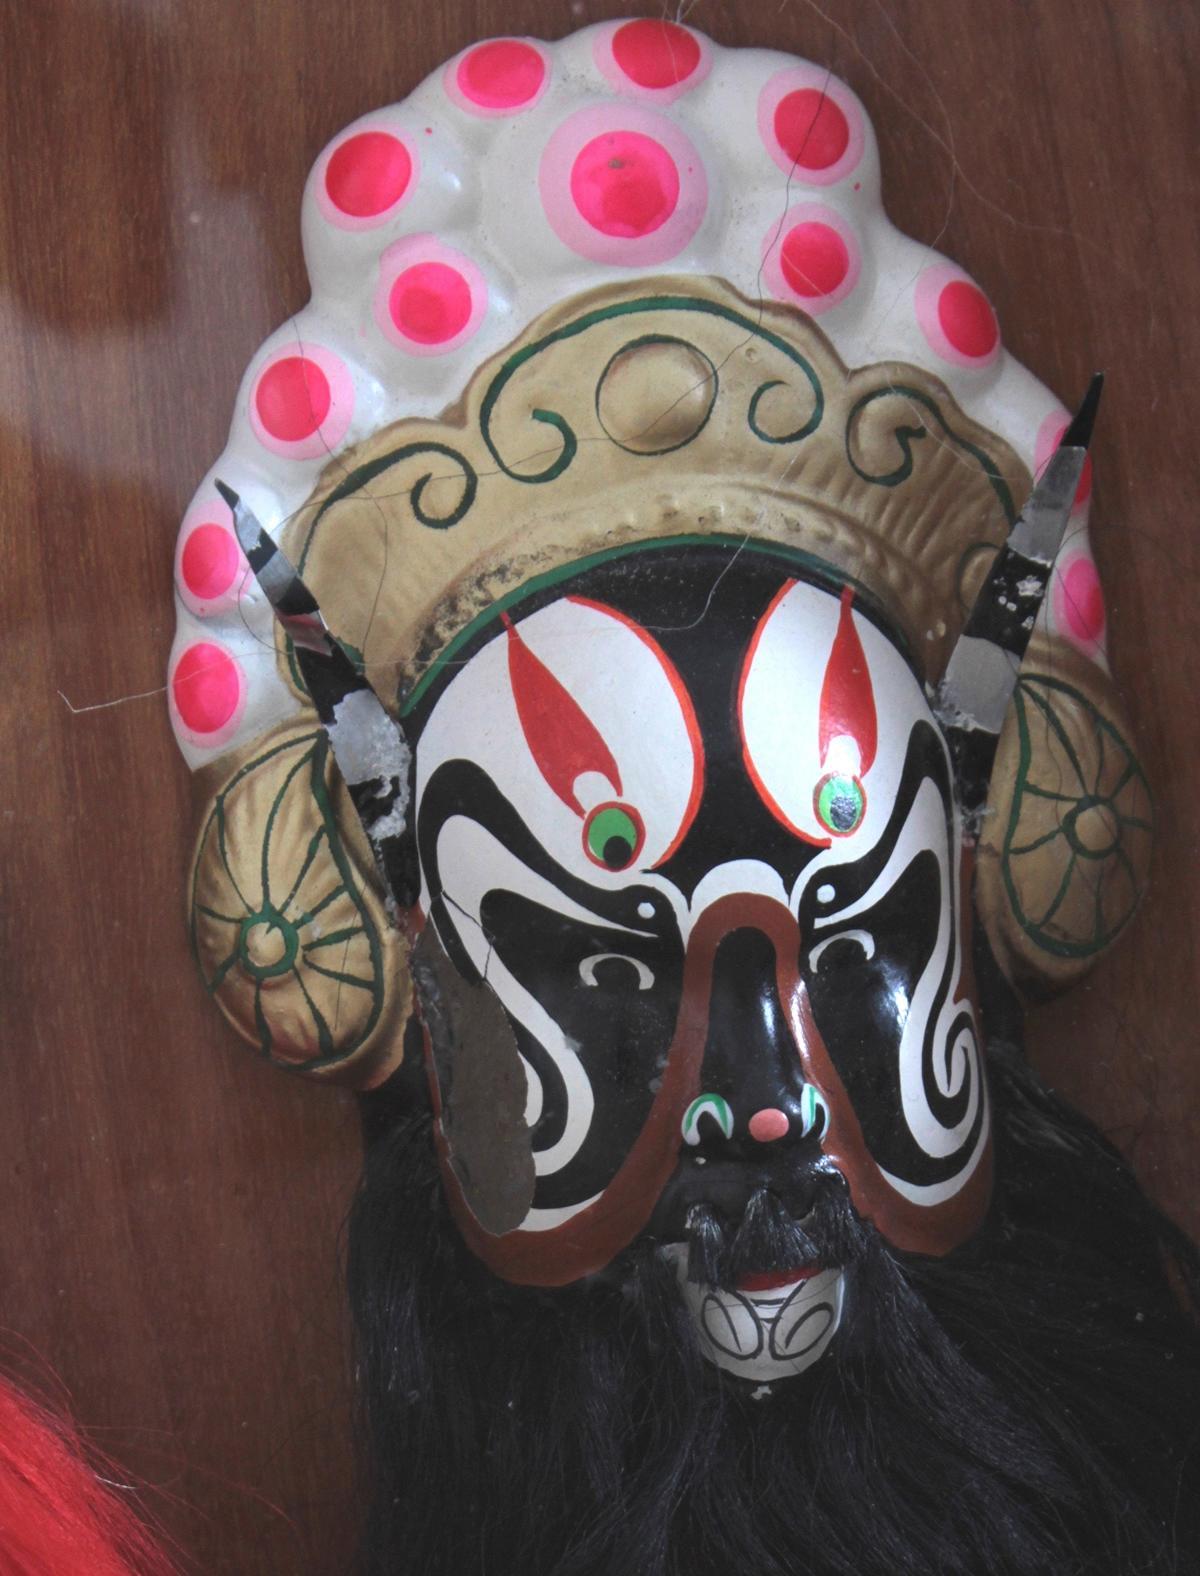 Schaukasten mit 6 Pekinger Opern-Masken-4